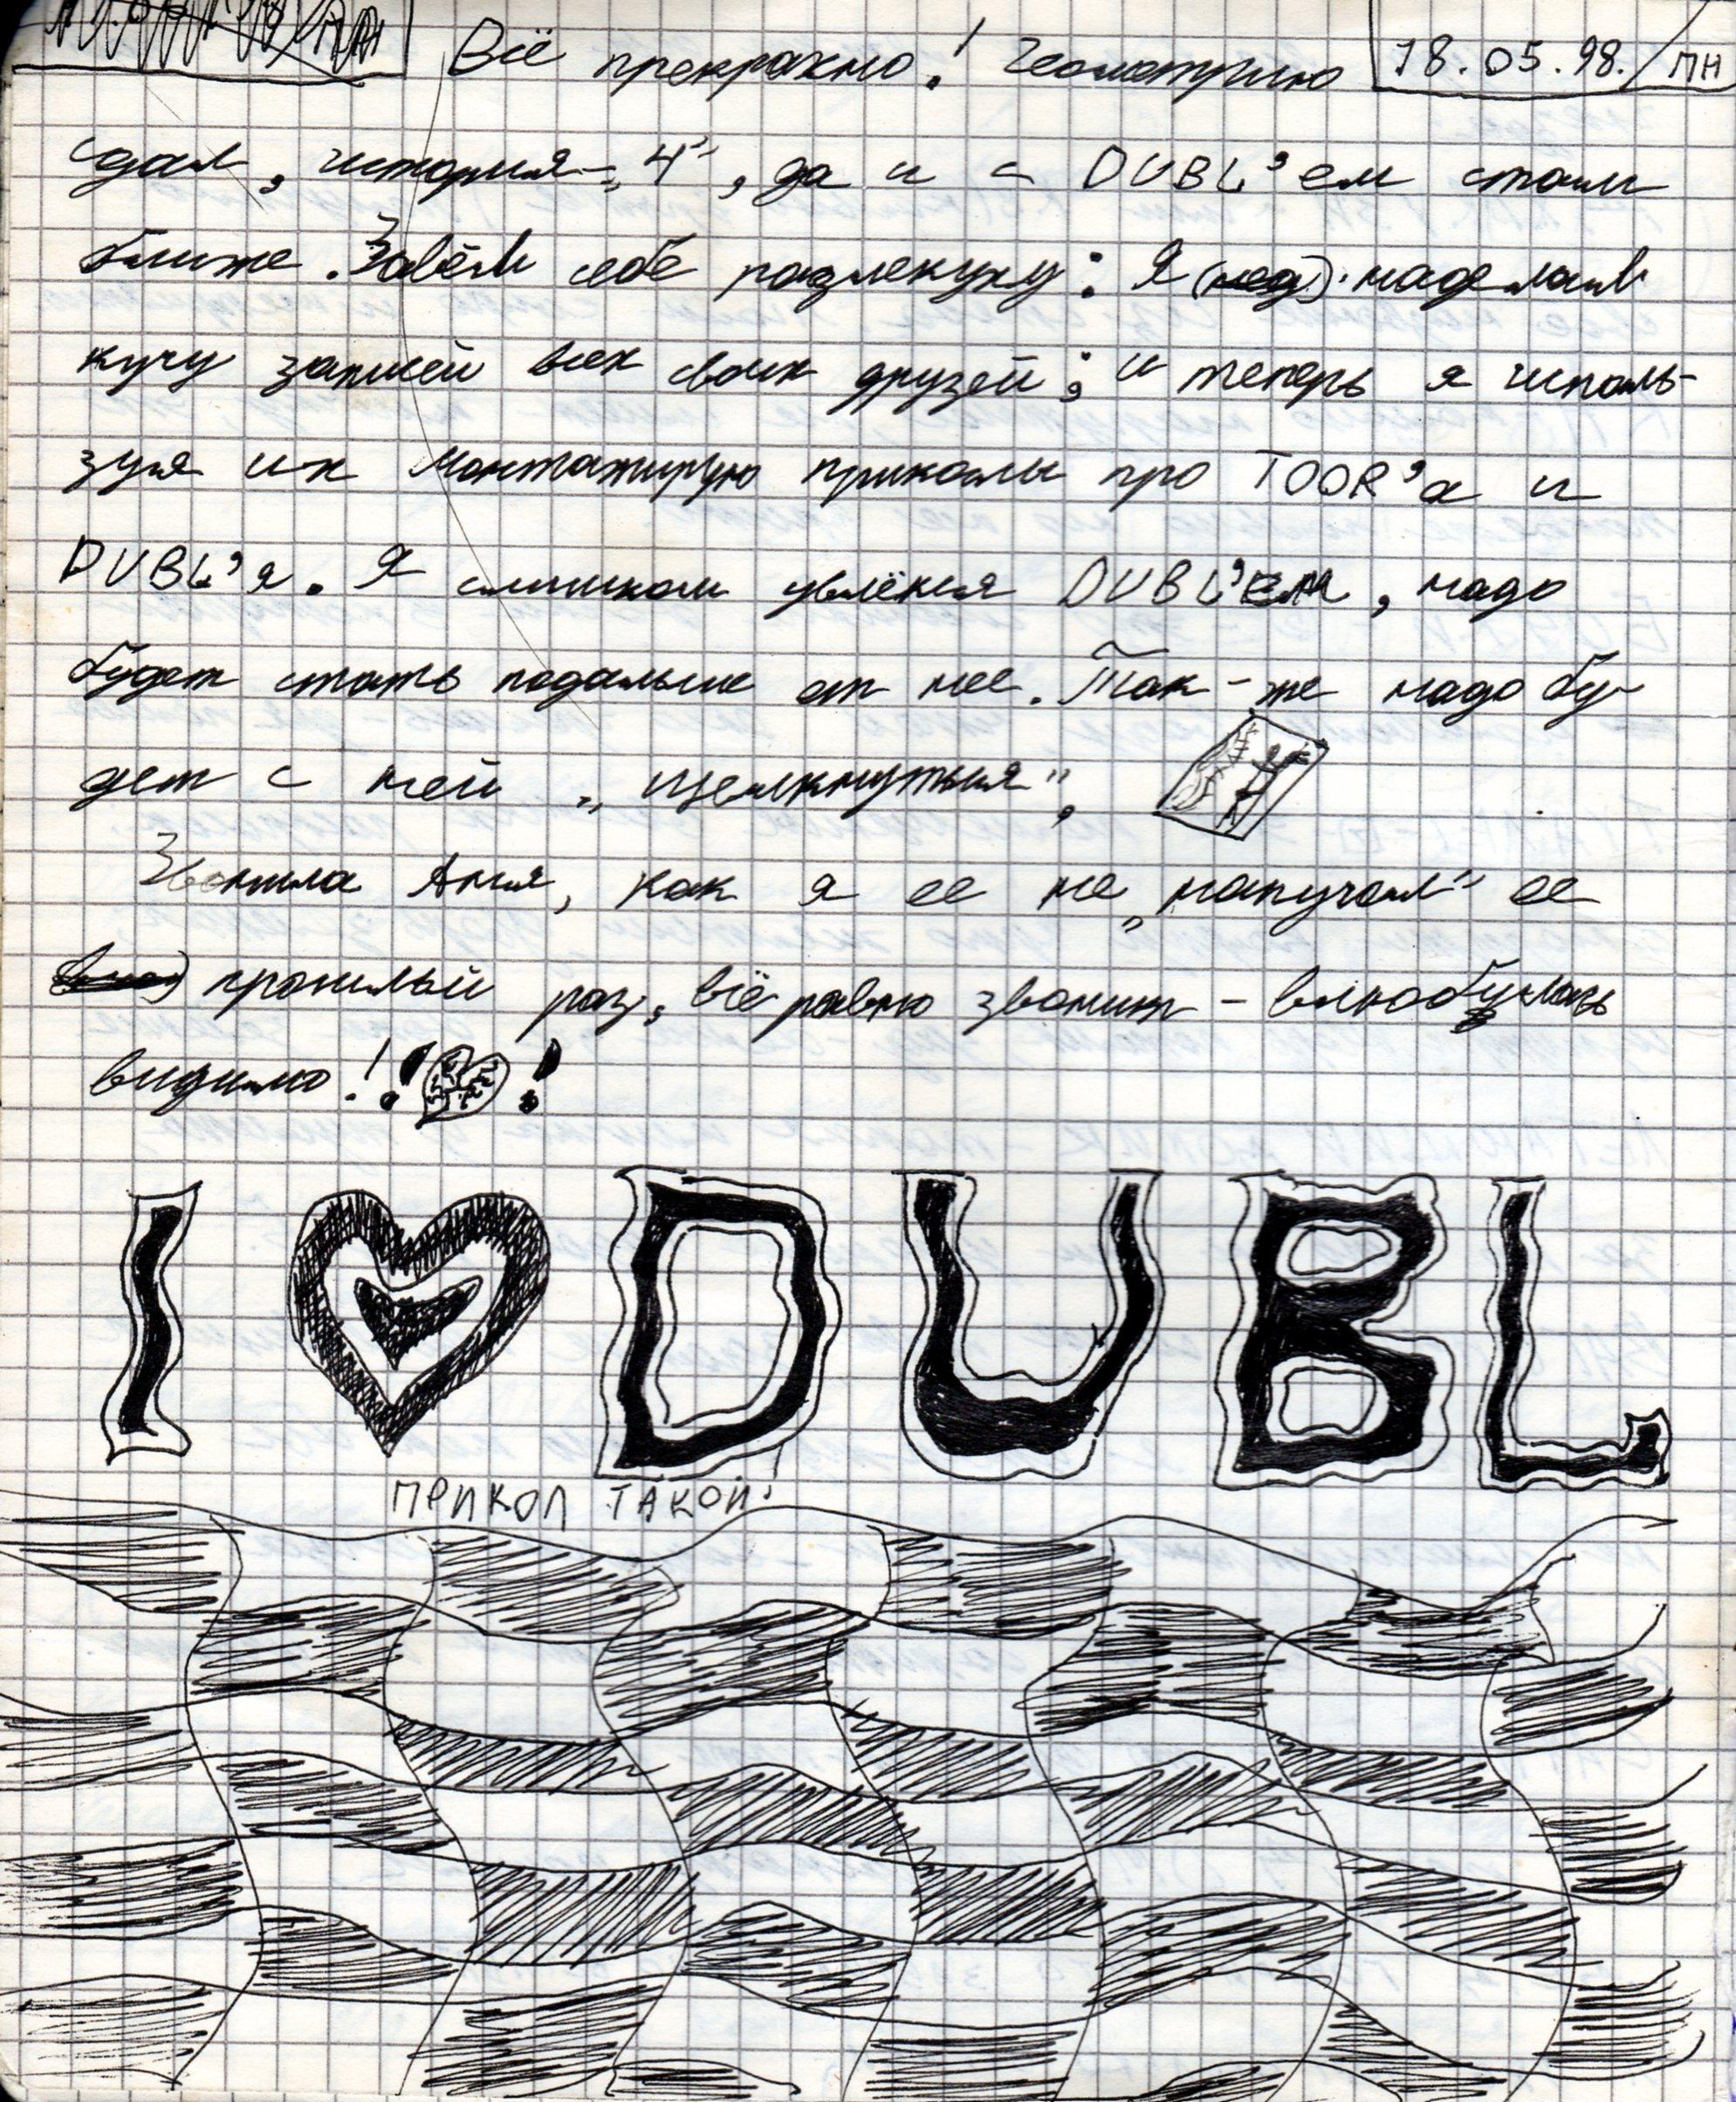 Запись из дневника от 18.05.1998